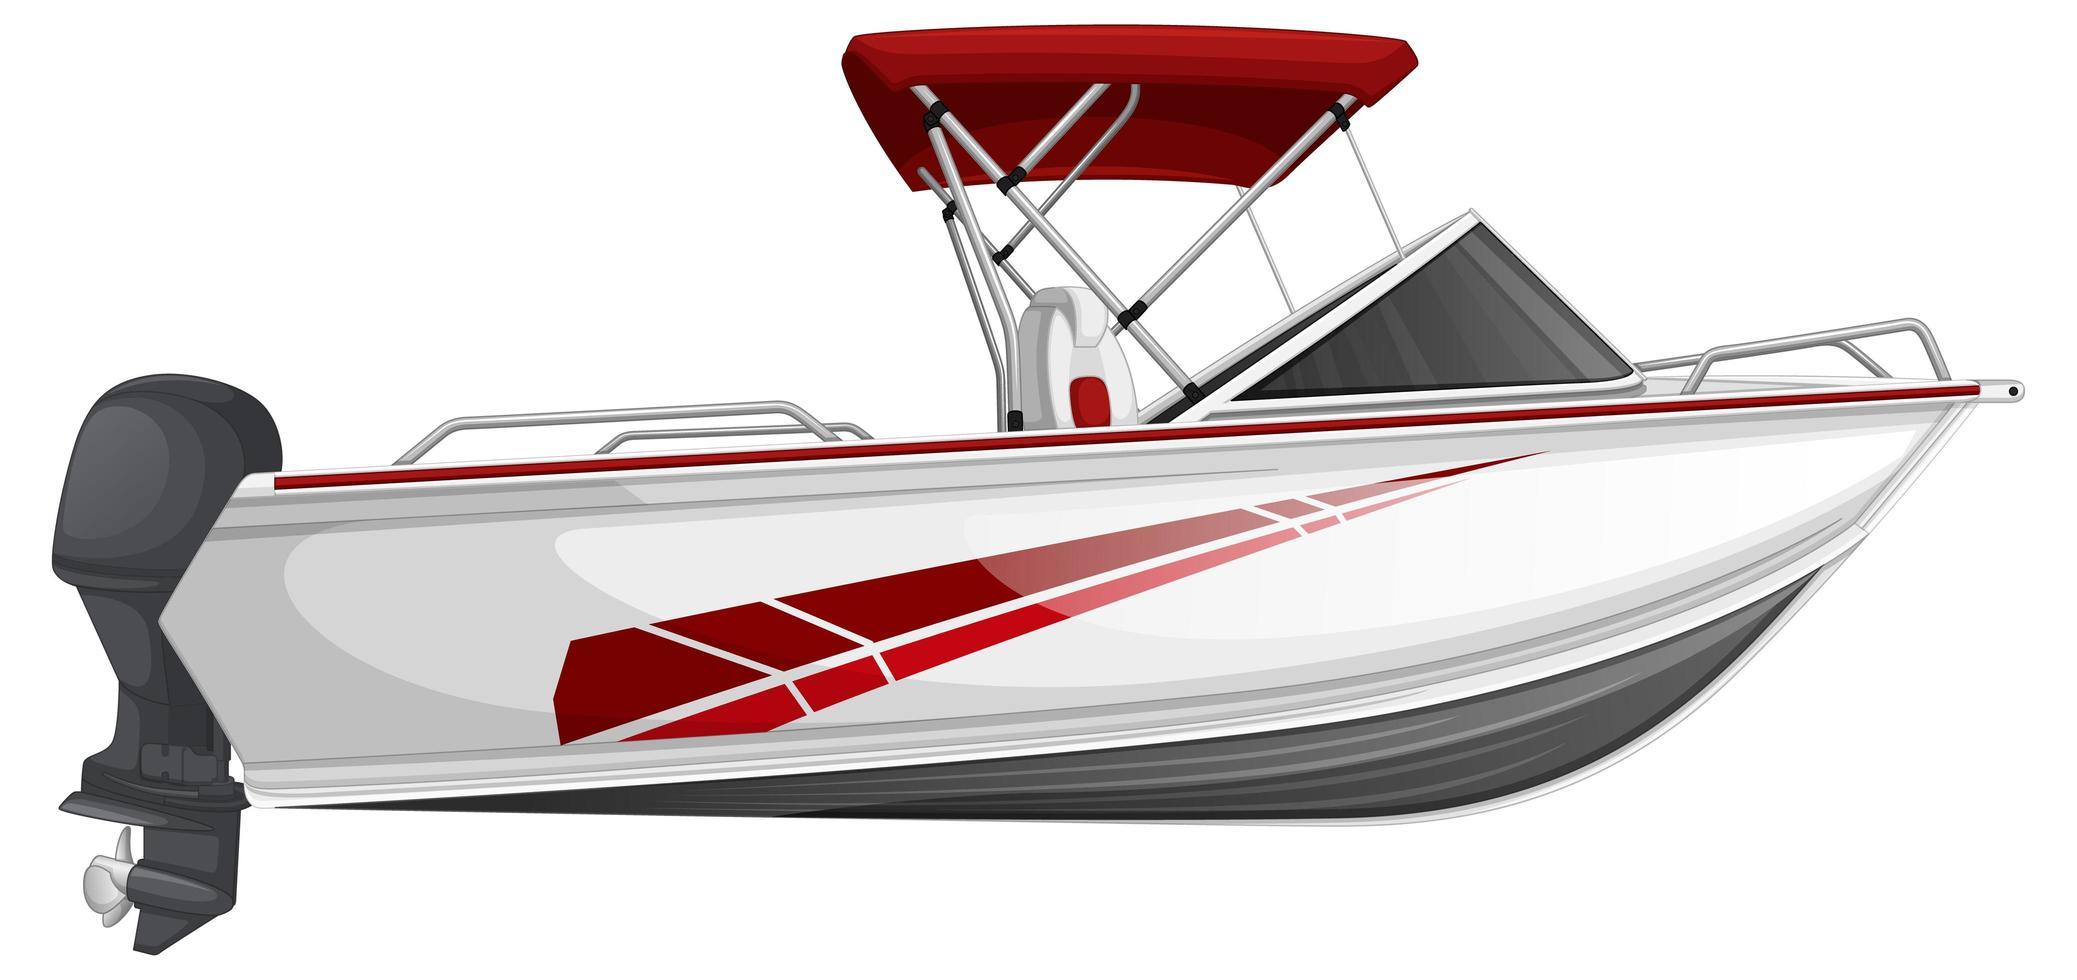 Lancha rápida o lancha a motor aislado sobre fondo blanco. vector